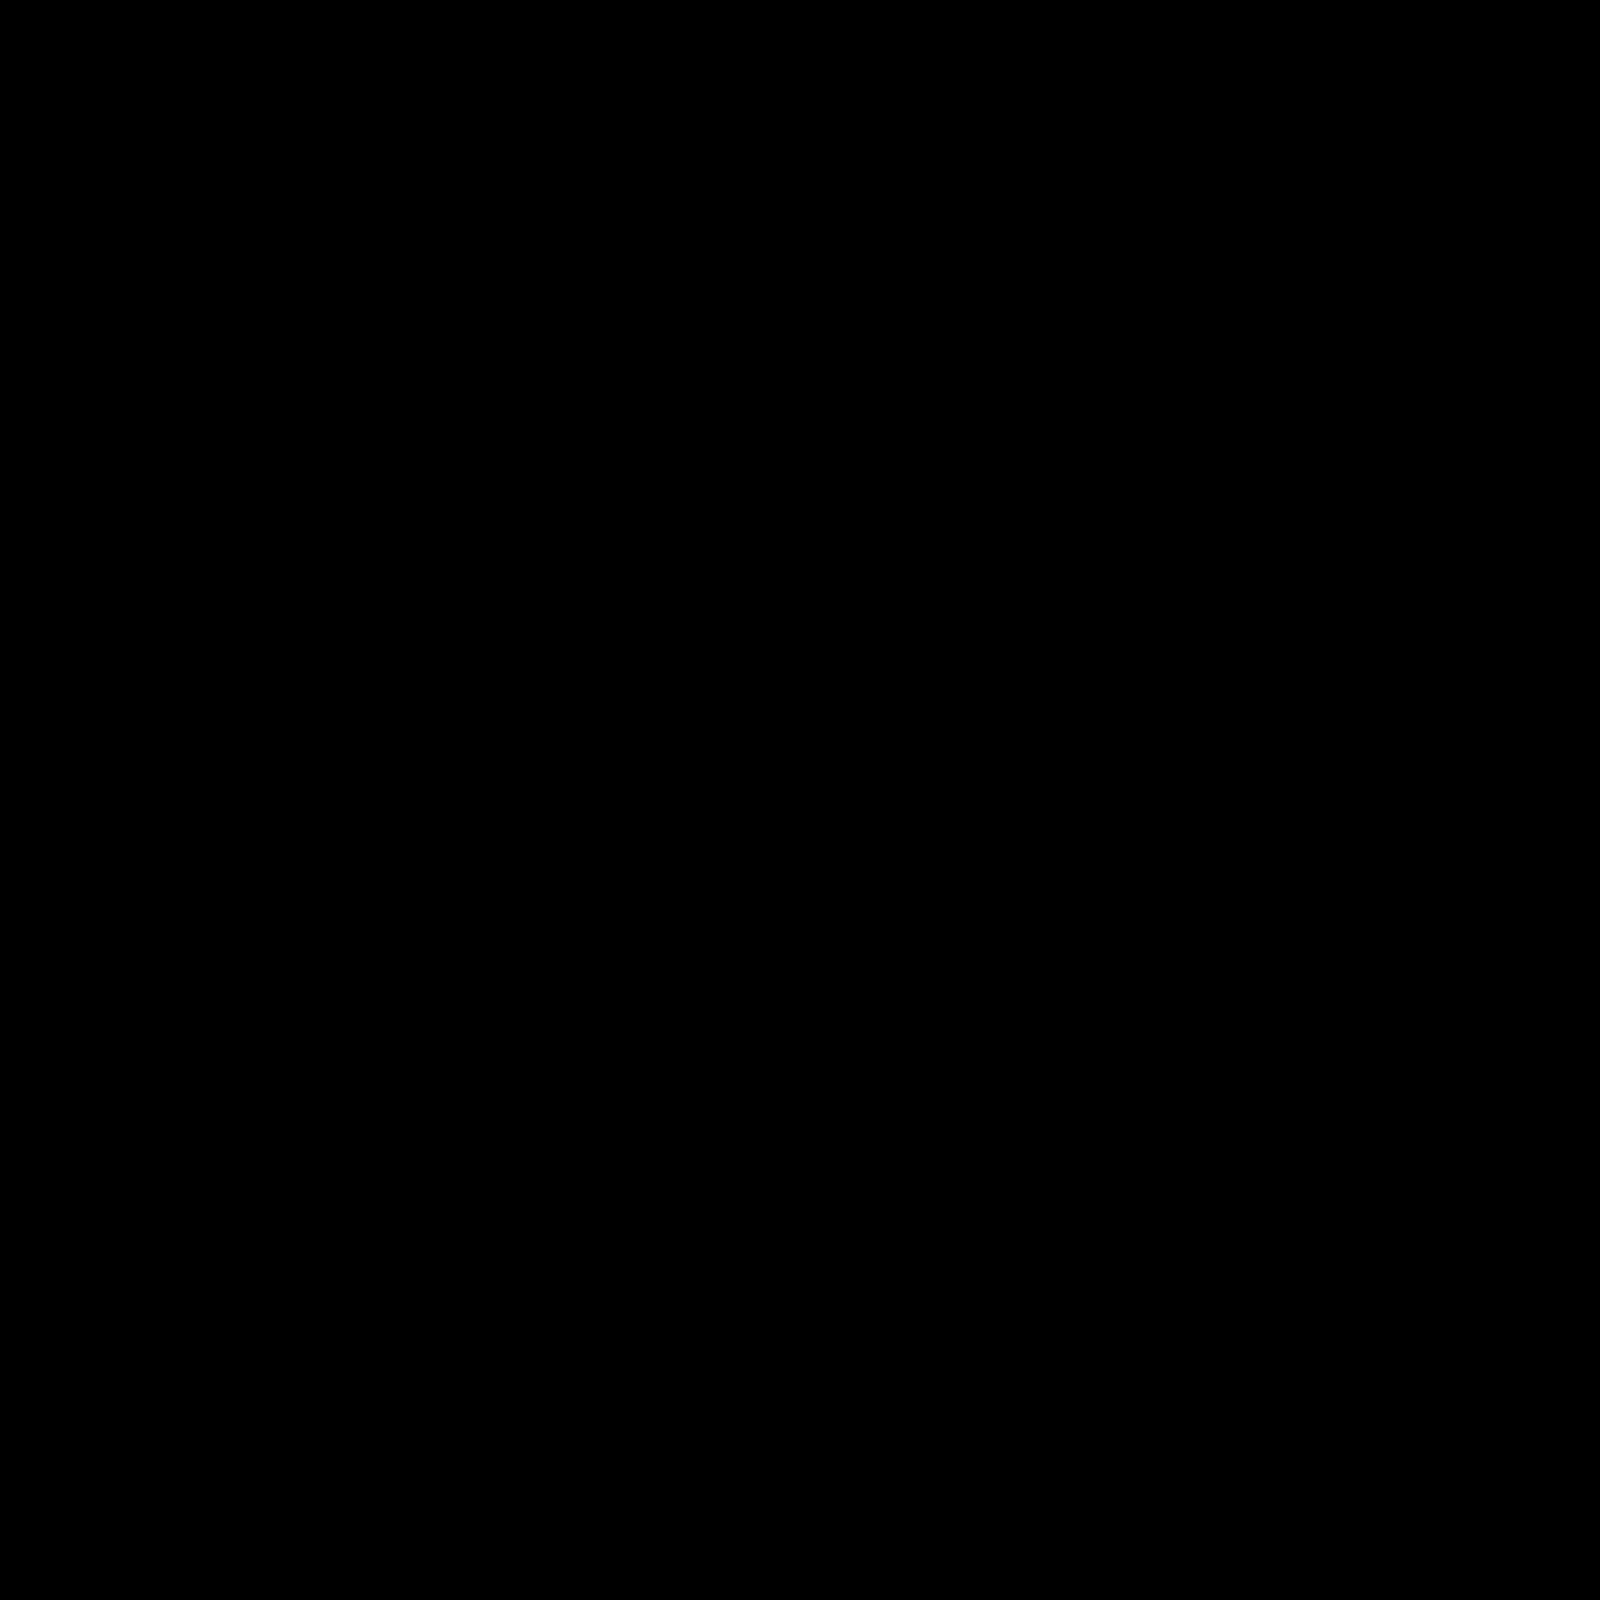 ユーザーシールド icon